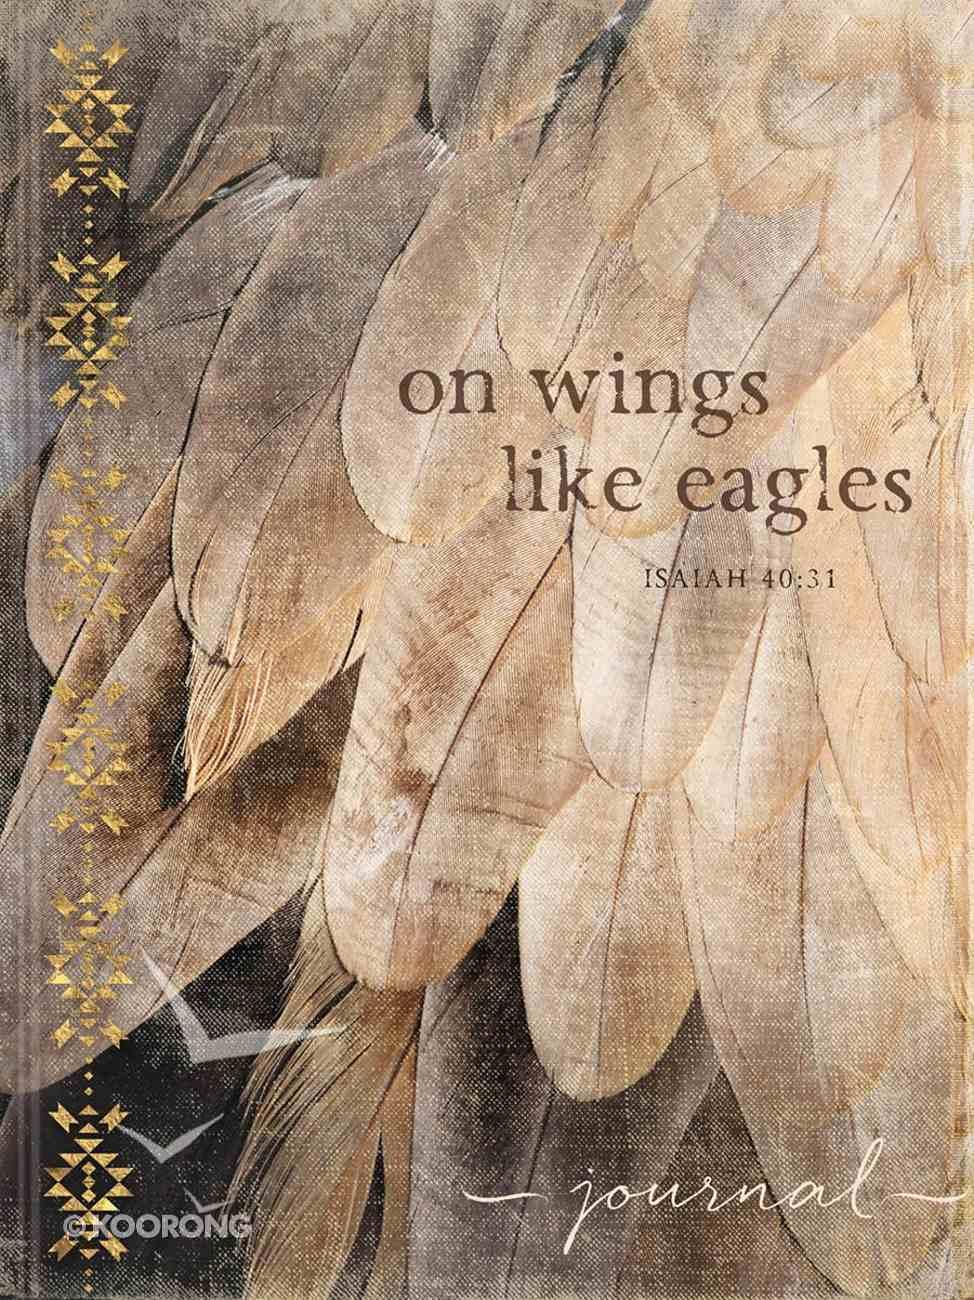 Signature Journal: On Wings Like Eagles (Isaiah 40:31) Hardback